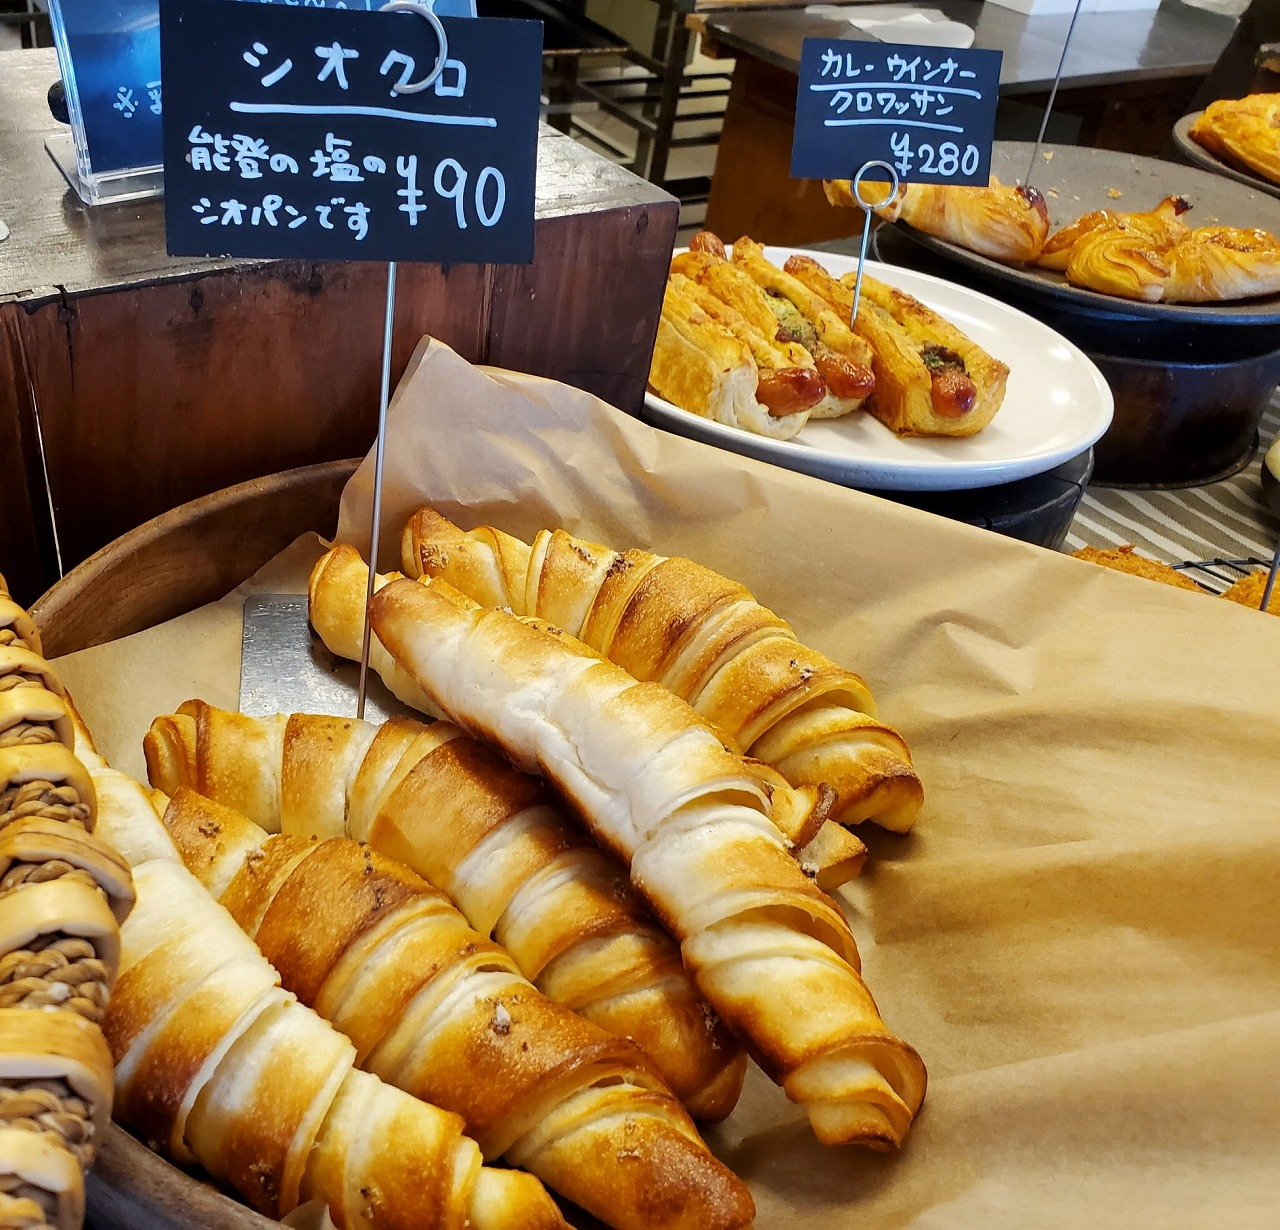 美味しいパンを求めて足を運びたくなるパン屋さん「古川商店」【珠洲市】